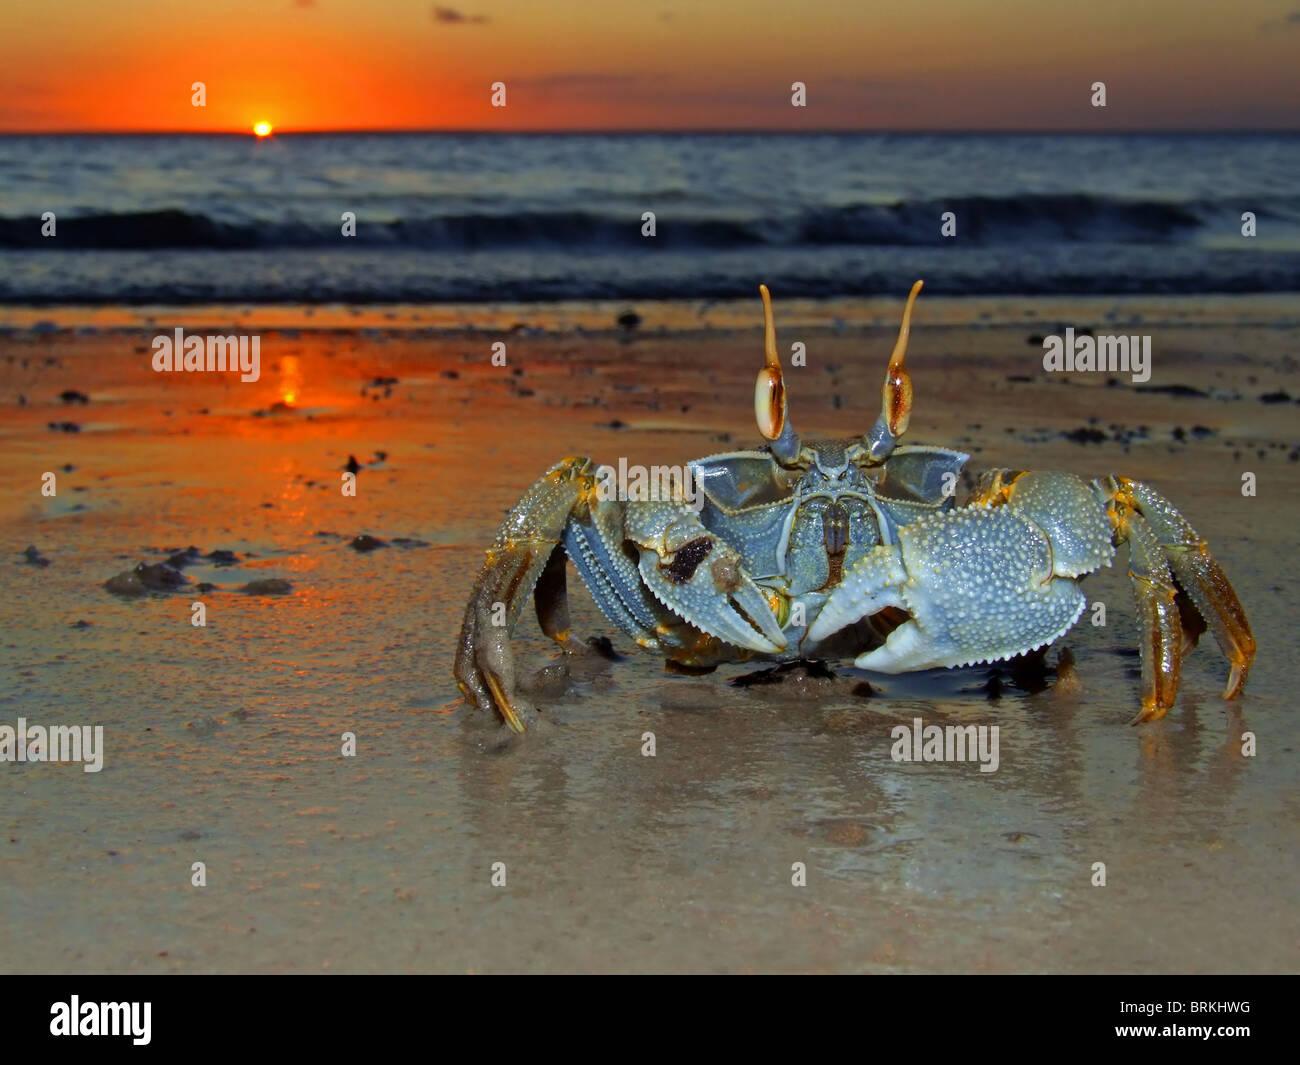 Cangrejo fantasma (Ocypode sp.) en la playa al anochecer, Mozambique, África del Sur Imagen De Stock